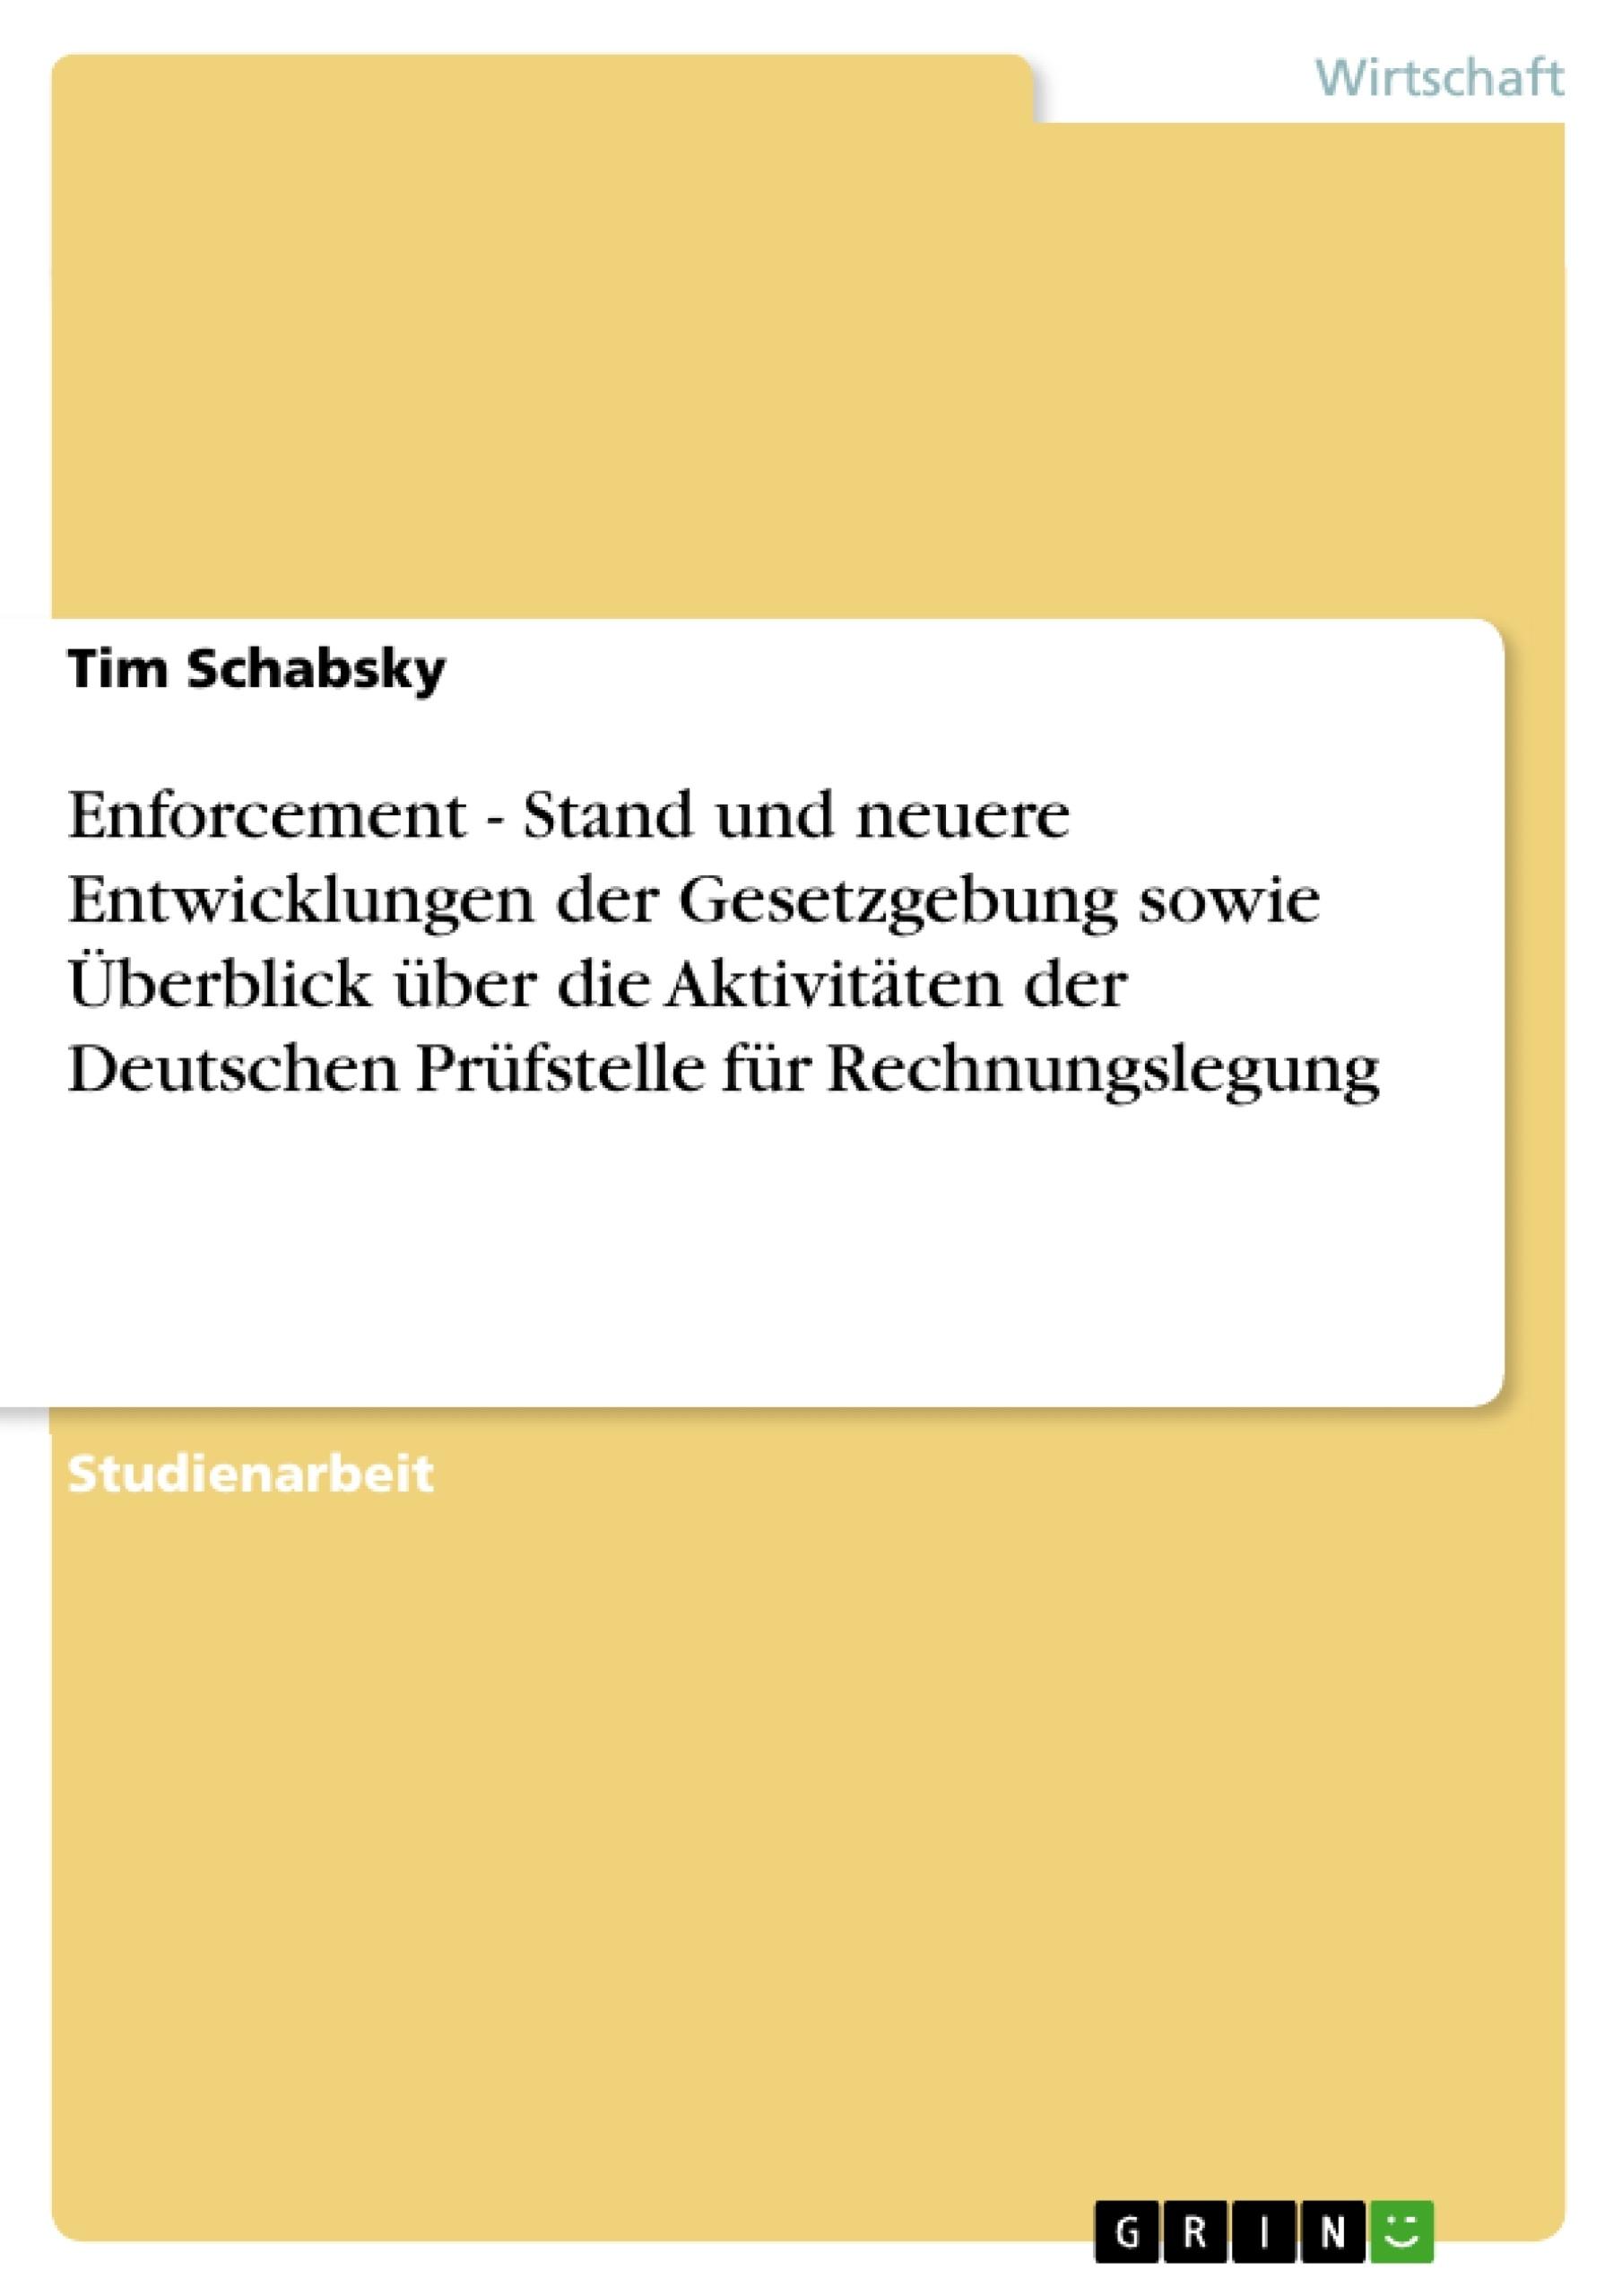 Titel: Enforcement - Stand und neuere Entwicklungen der Gesetzgebung sowie Überblick über die Aktivitäten der Deutschen Prüfstelle für Rechnungslegung